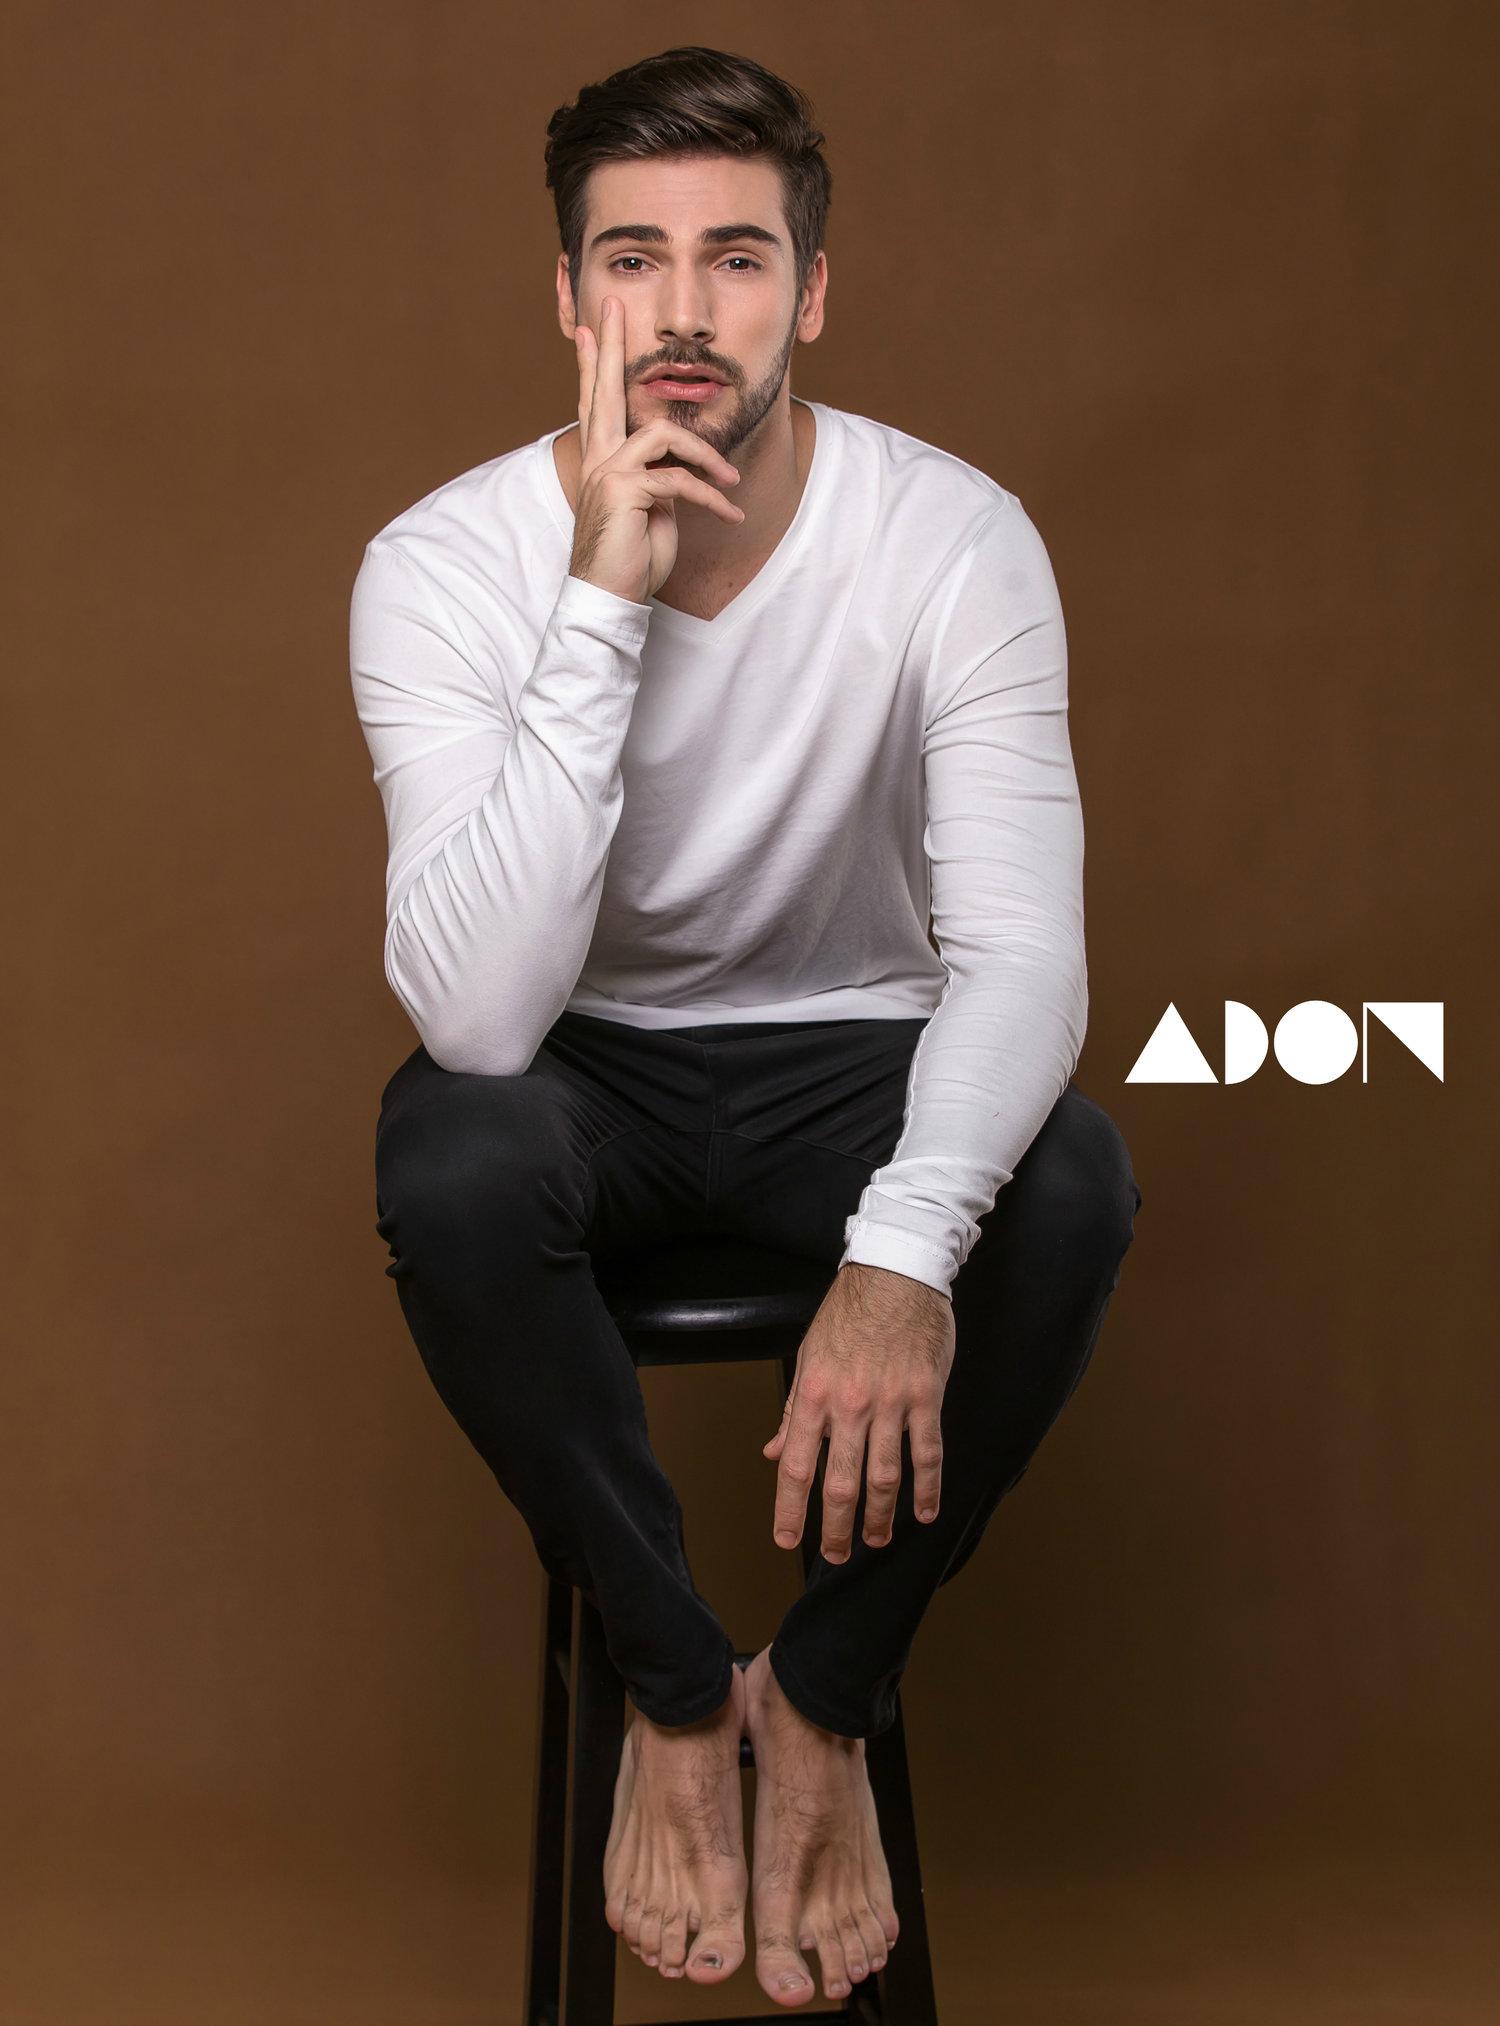 Adon Exclusive: Model Natan Squersato By Jason Oung